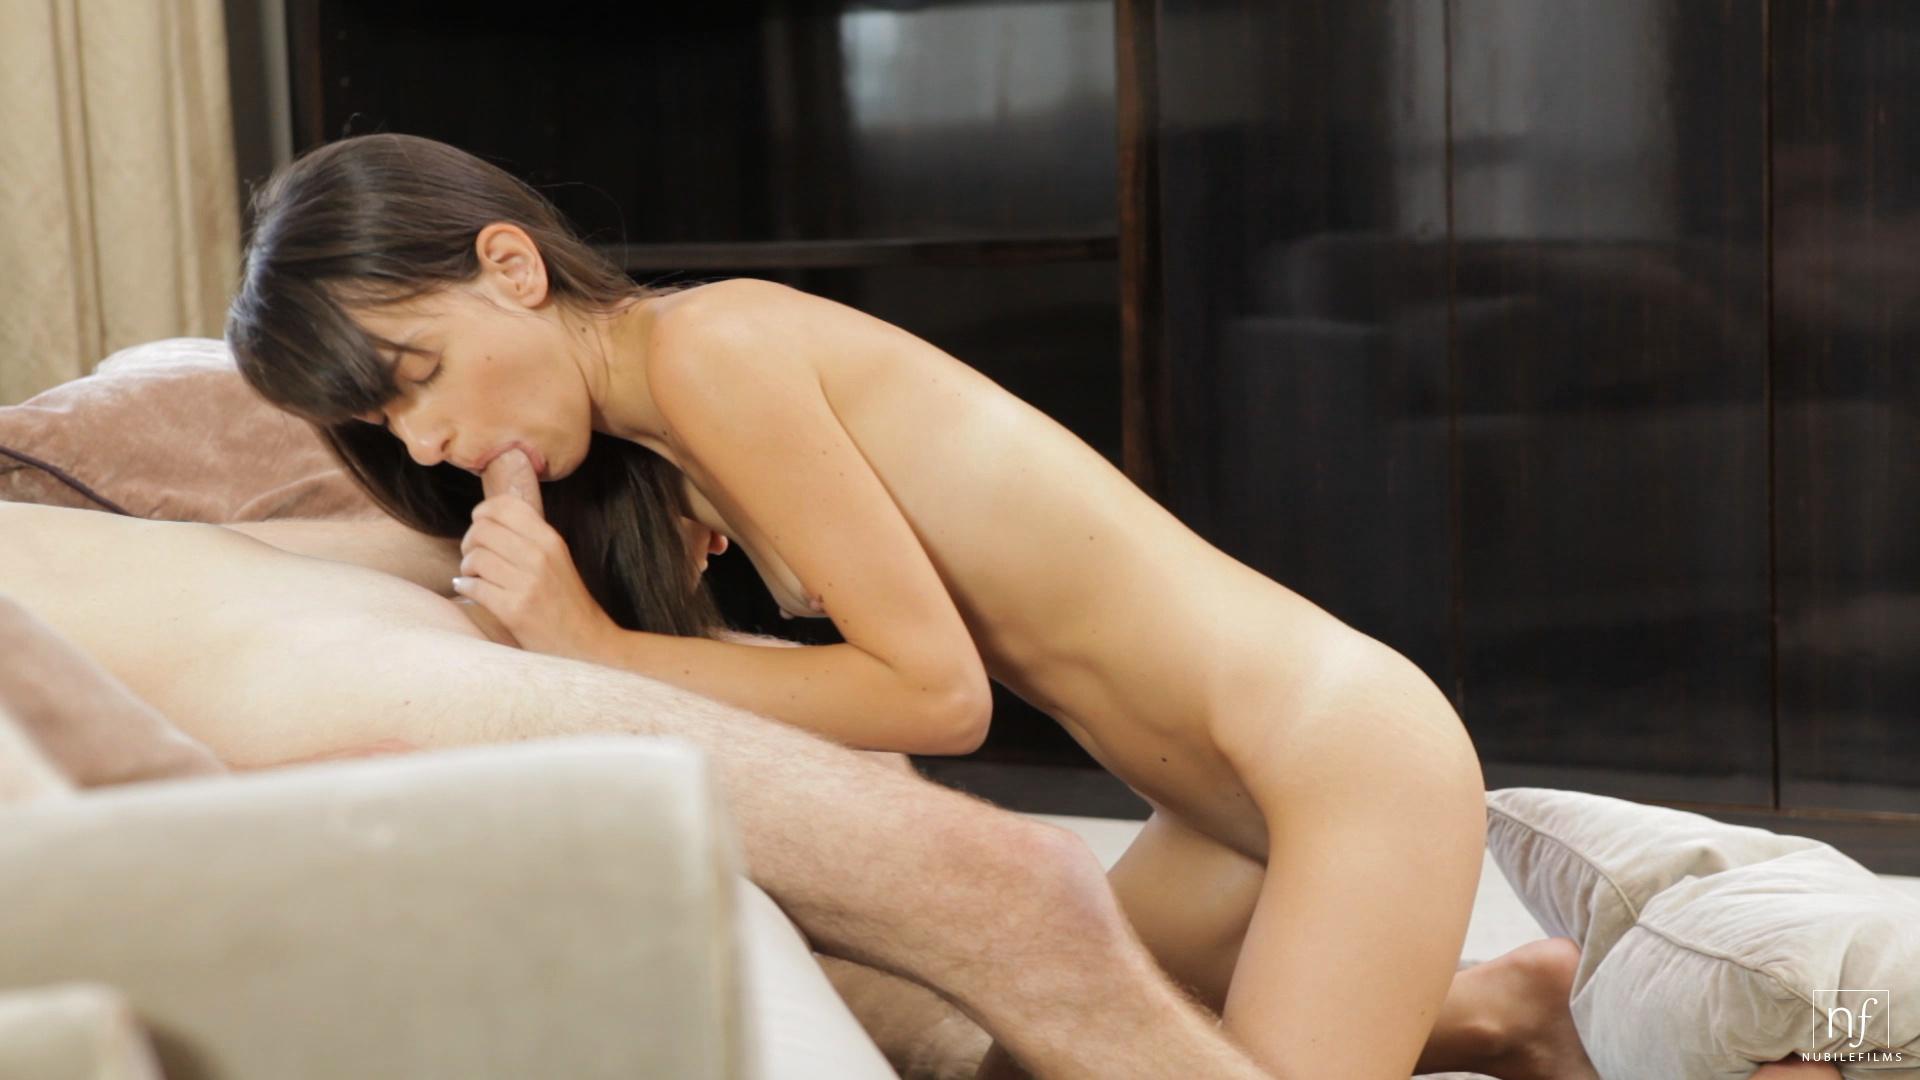 simpatichnoe-porno-film